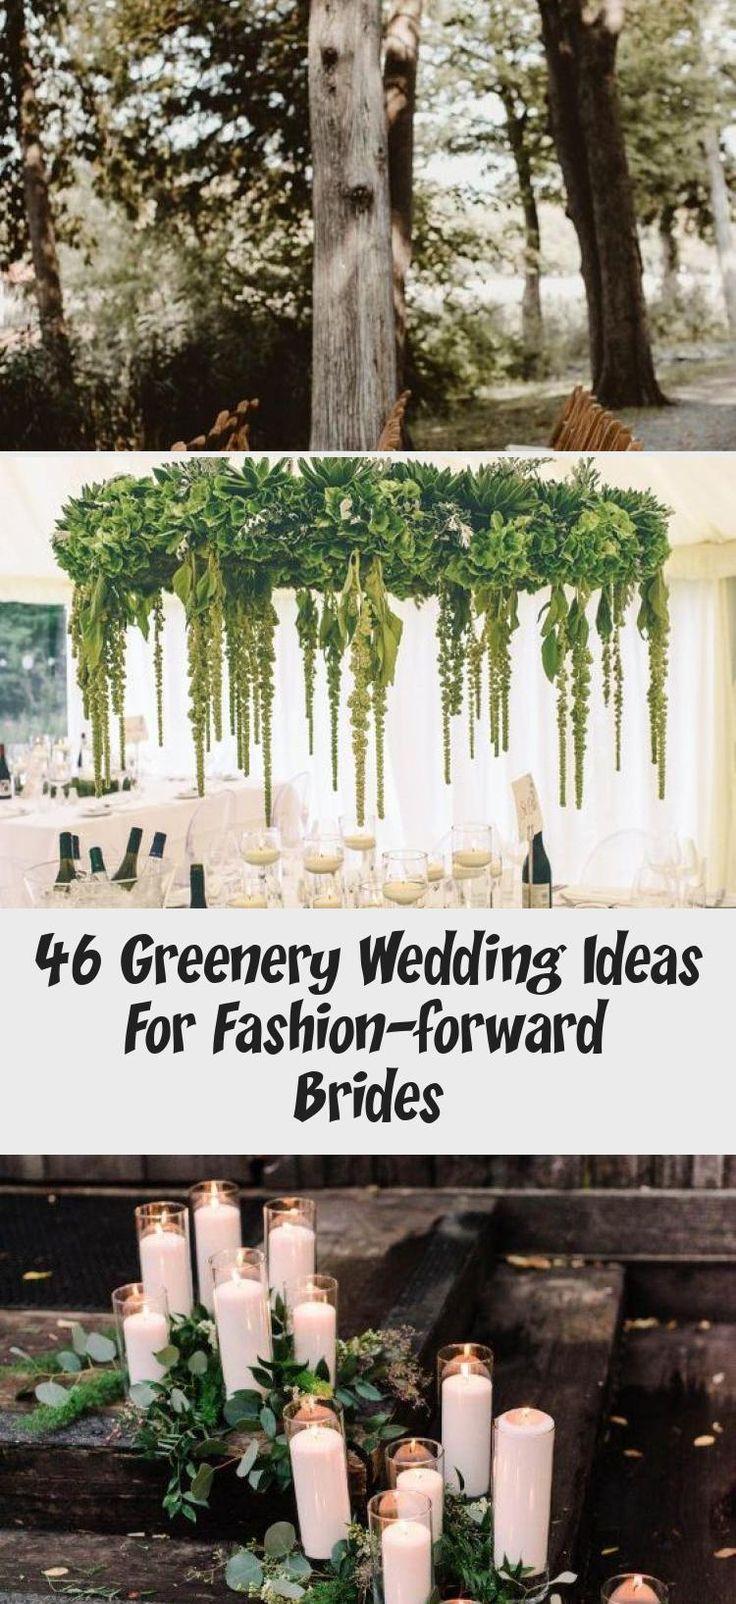 46 #Greenery #Wedding Ideas For Fashion-Forward Brides #gardenweddingColors #gardenweddingReception #gardenweddingBridesmaids #gardenweddingFavors #gardenweddingDress